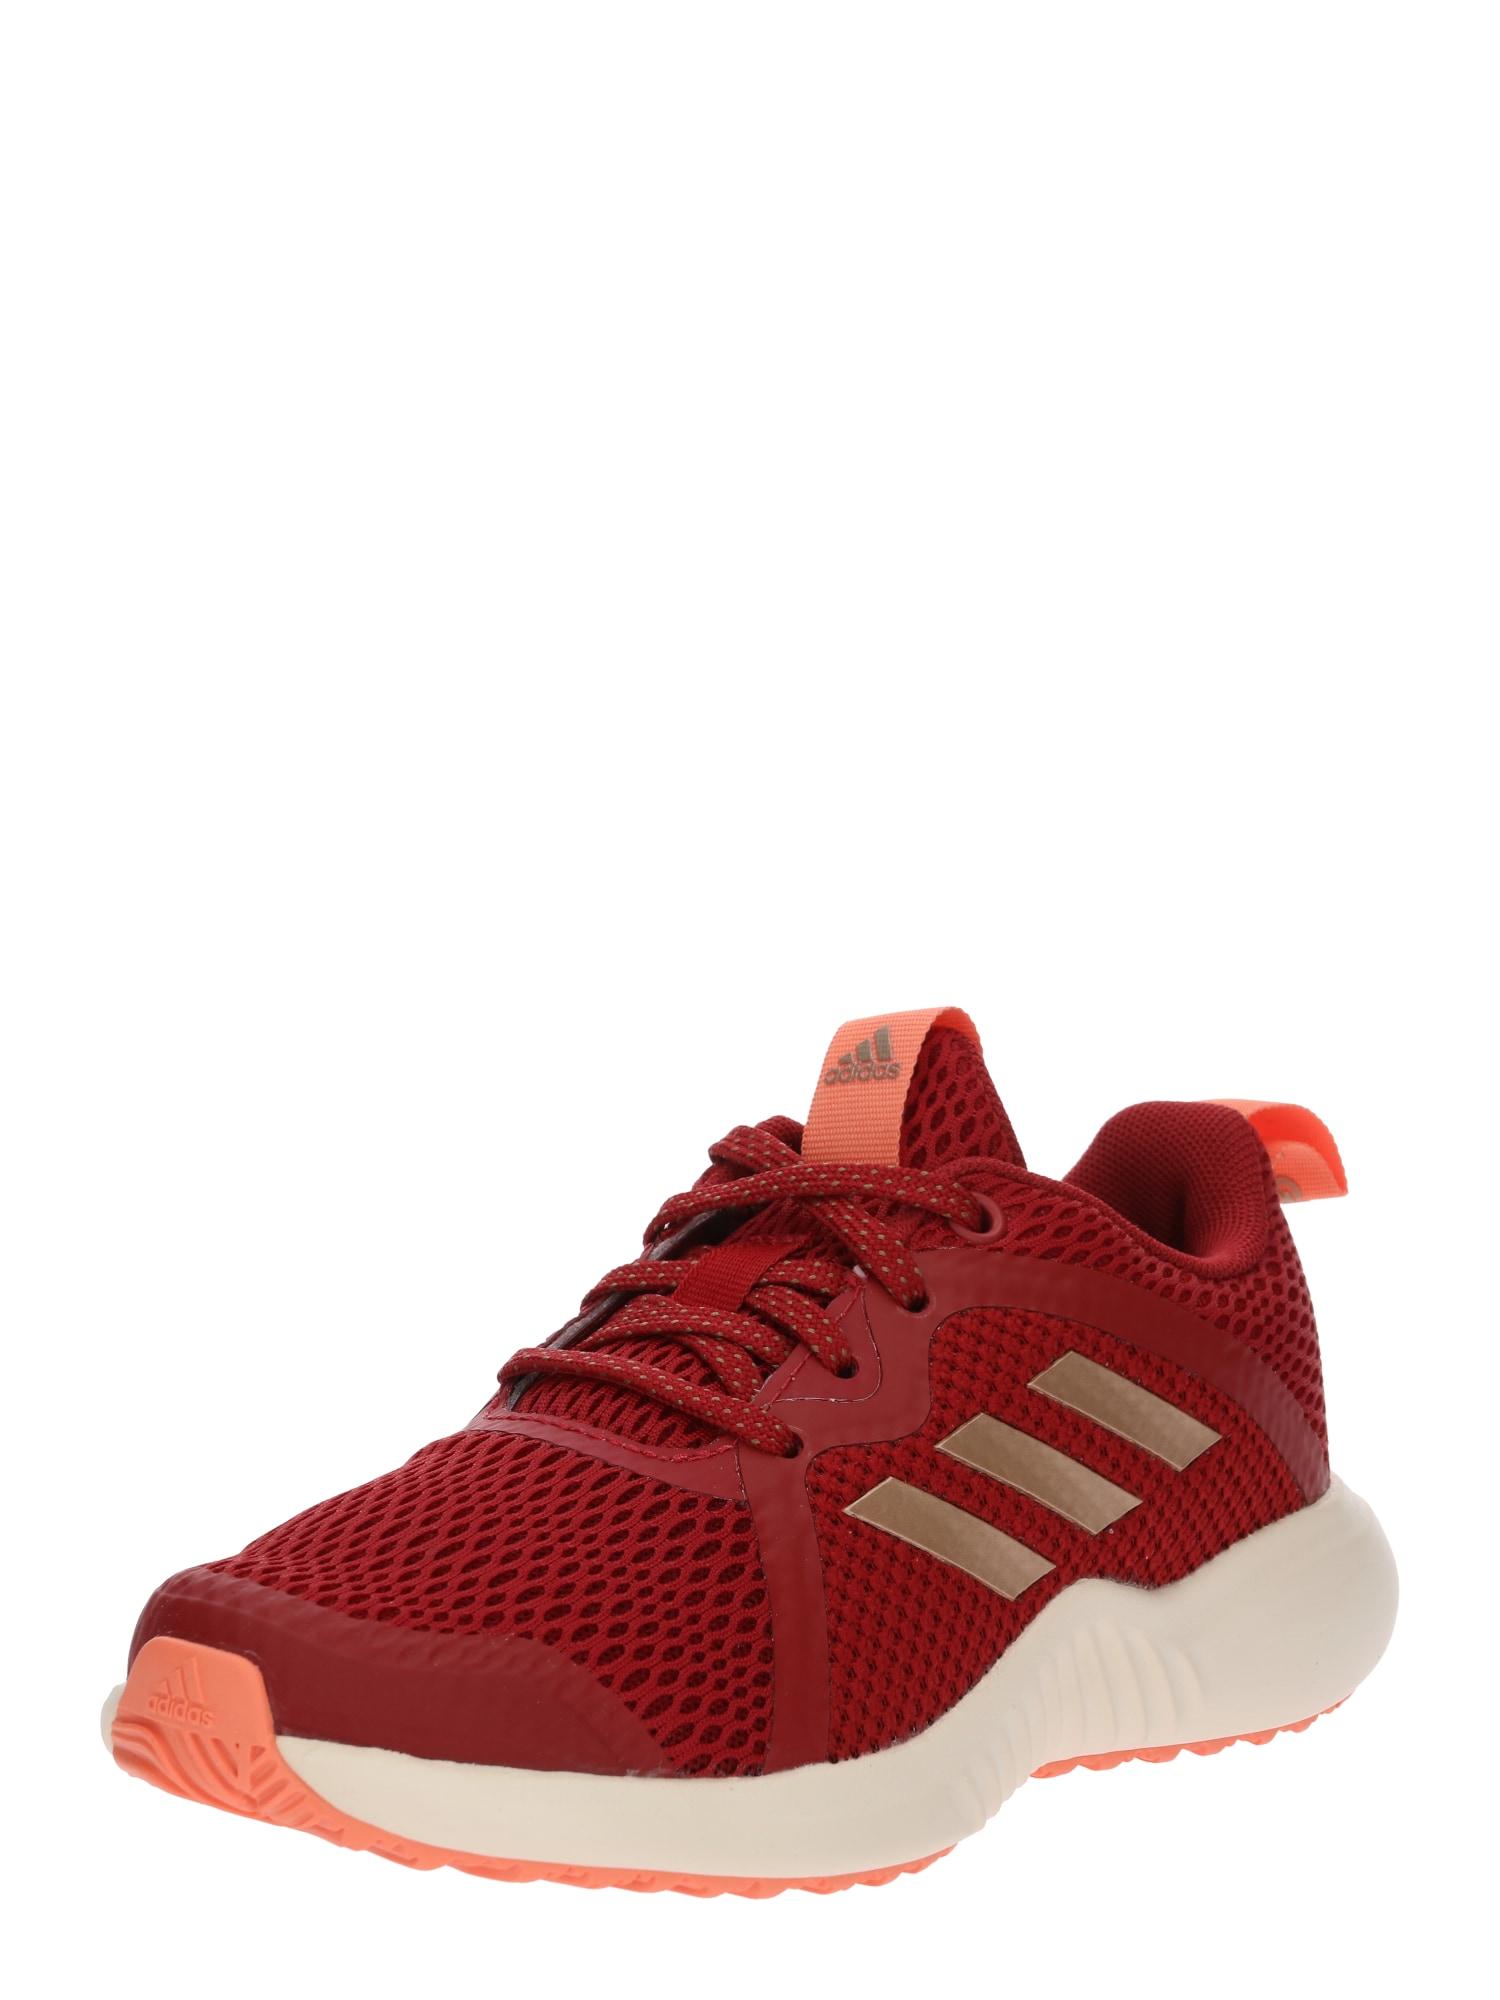 Sportovní boty FortaRun X K červená ADIDAS PERFORMANCE